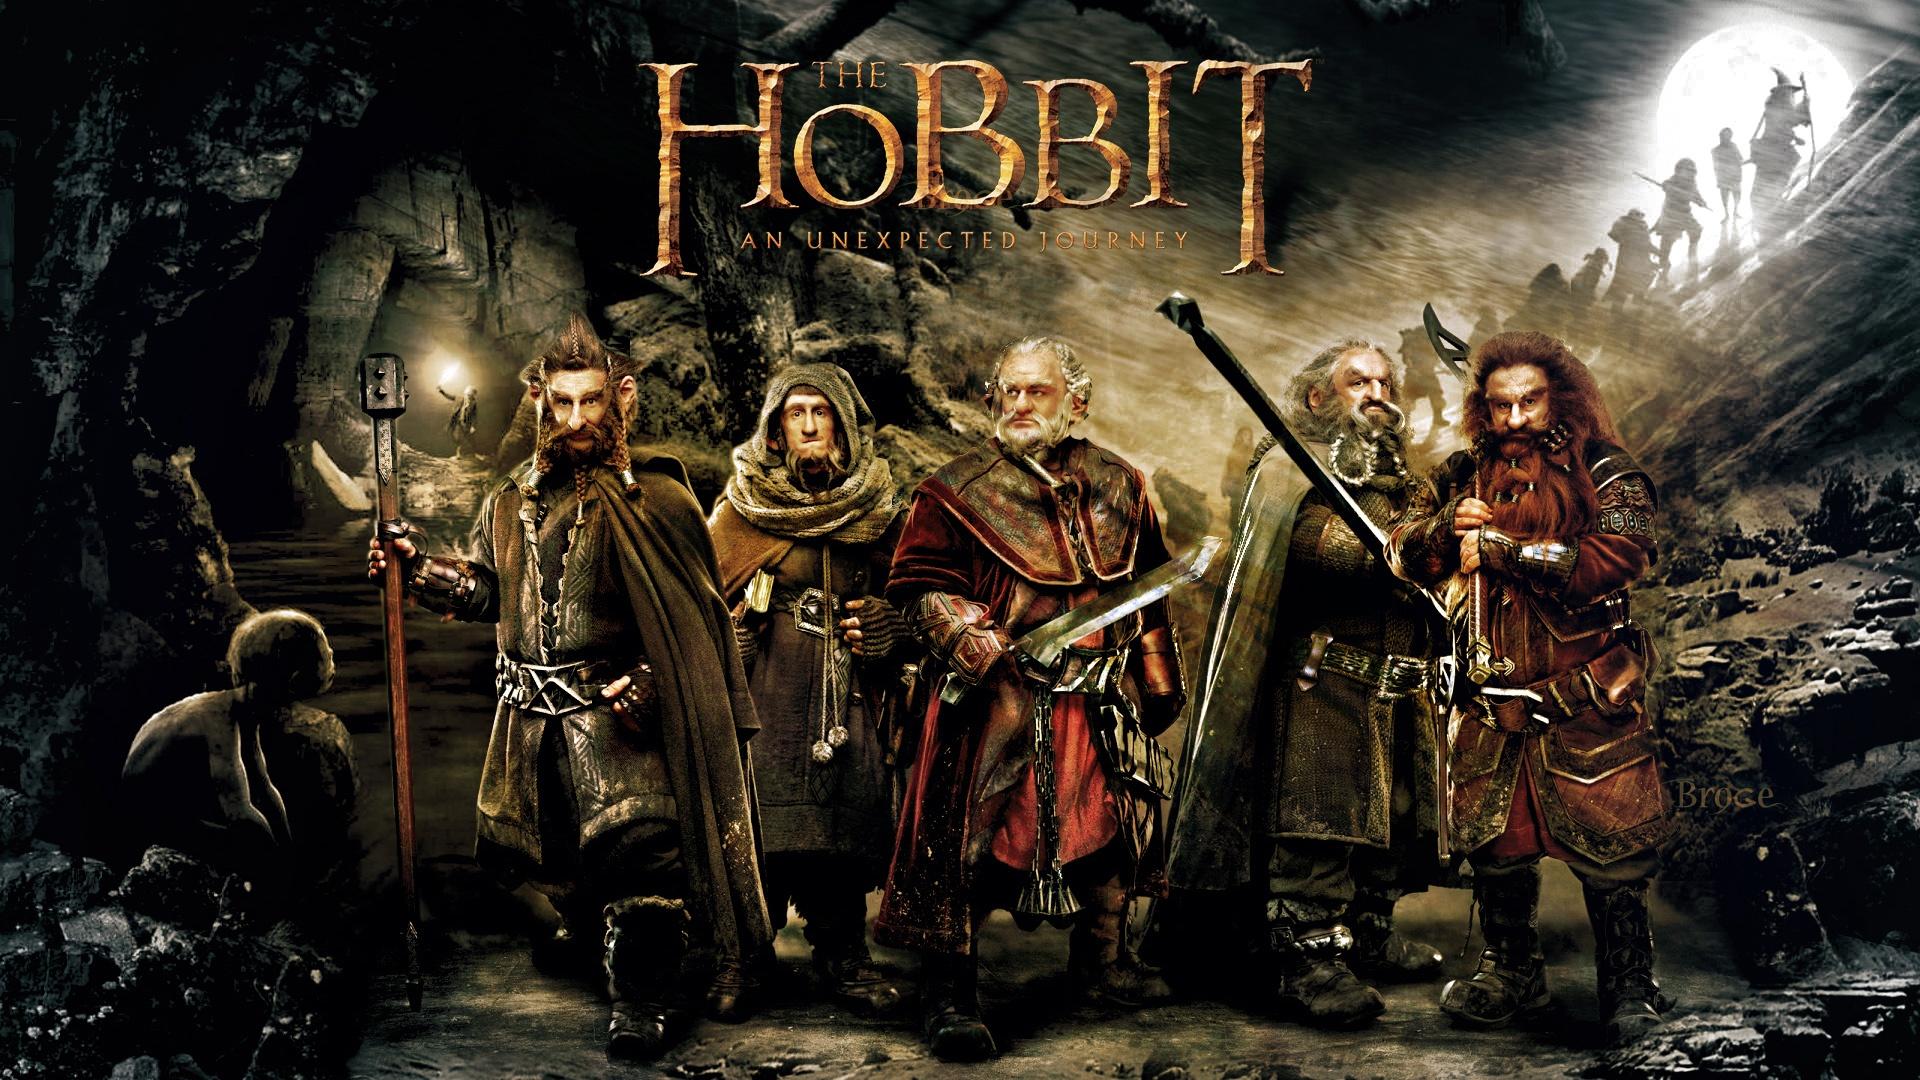 The Hobbit An Unexpected Journey Wallpaper   Wallpup.com